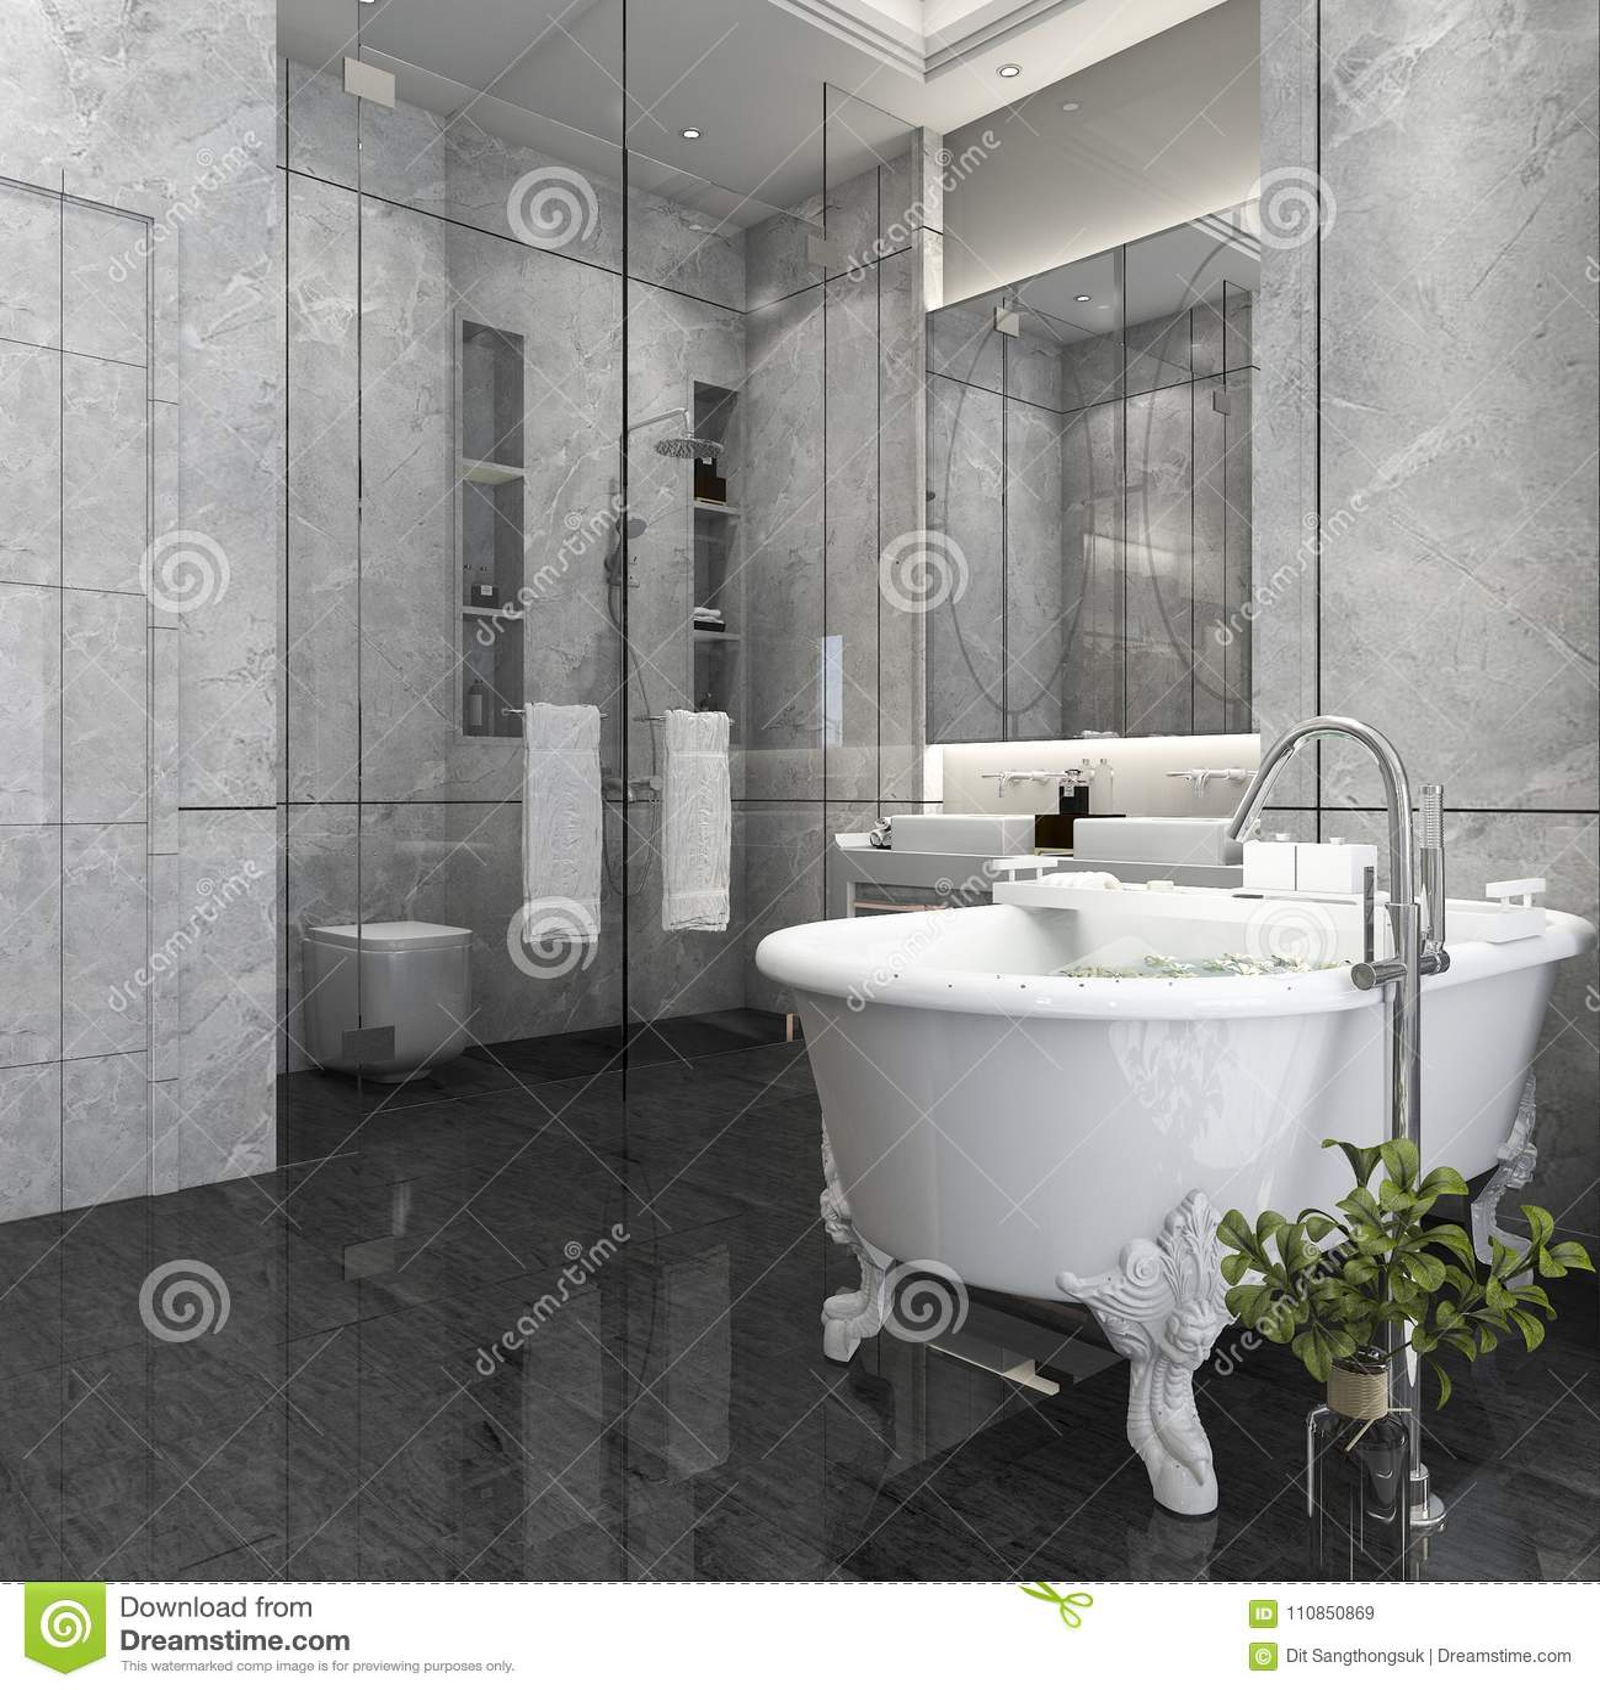 Salle De Bains De Luxe Du Rendu 3d Dans L\'hôtel Illustration Stock ...